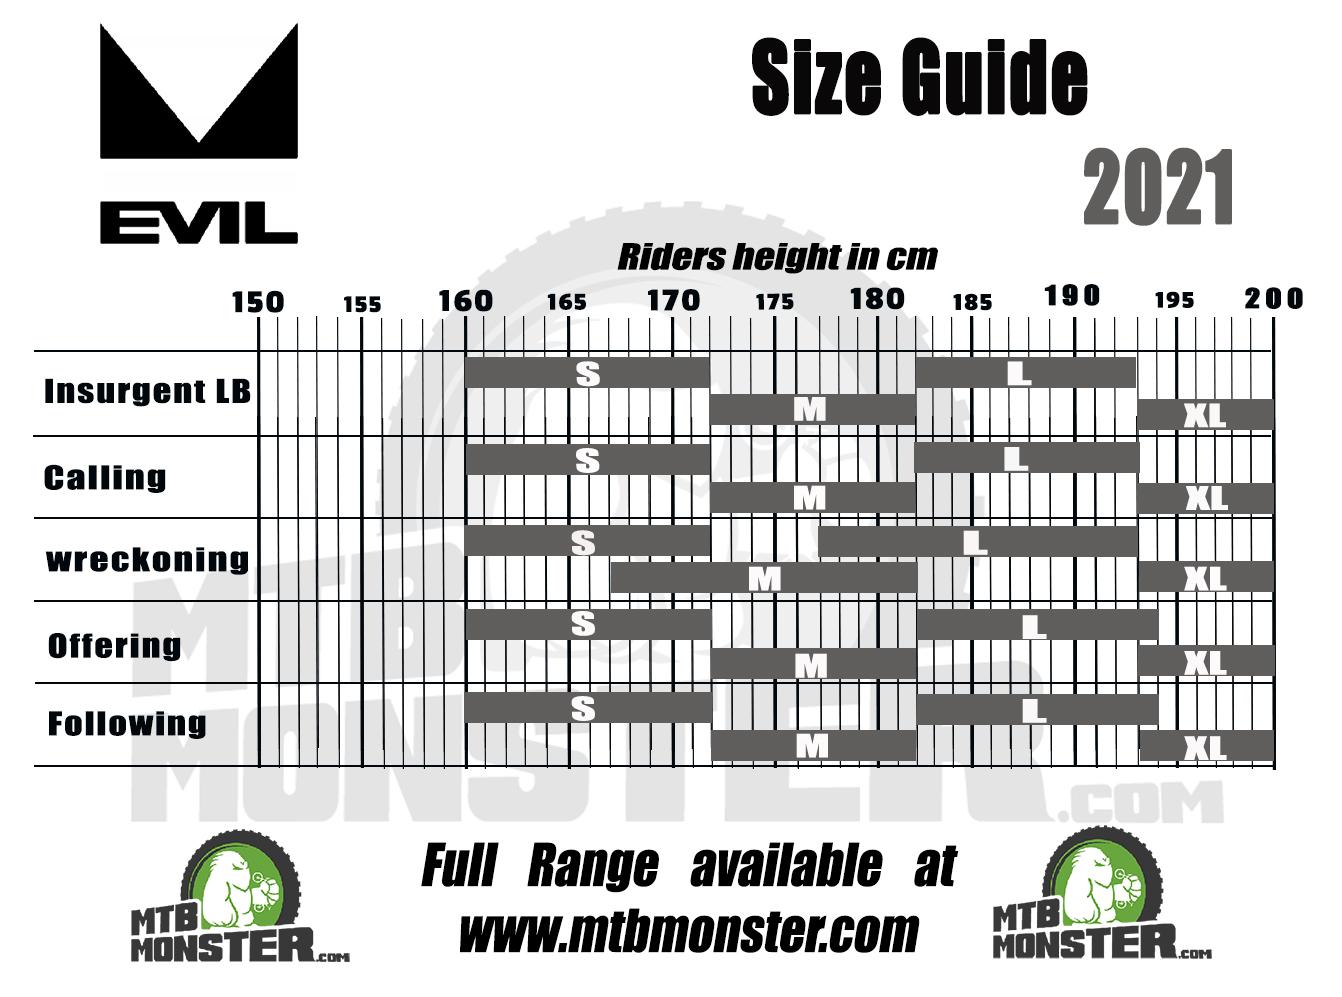 Evil bike sizing chart and bike size guide 2021